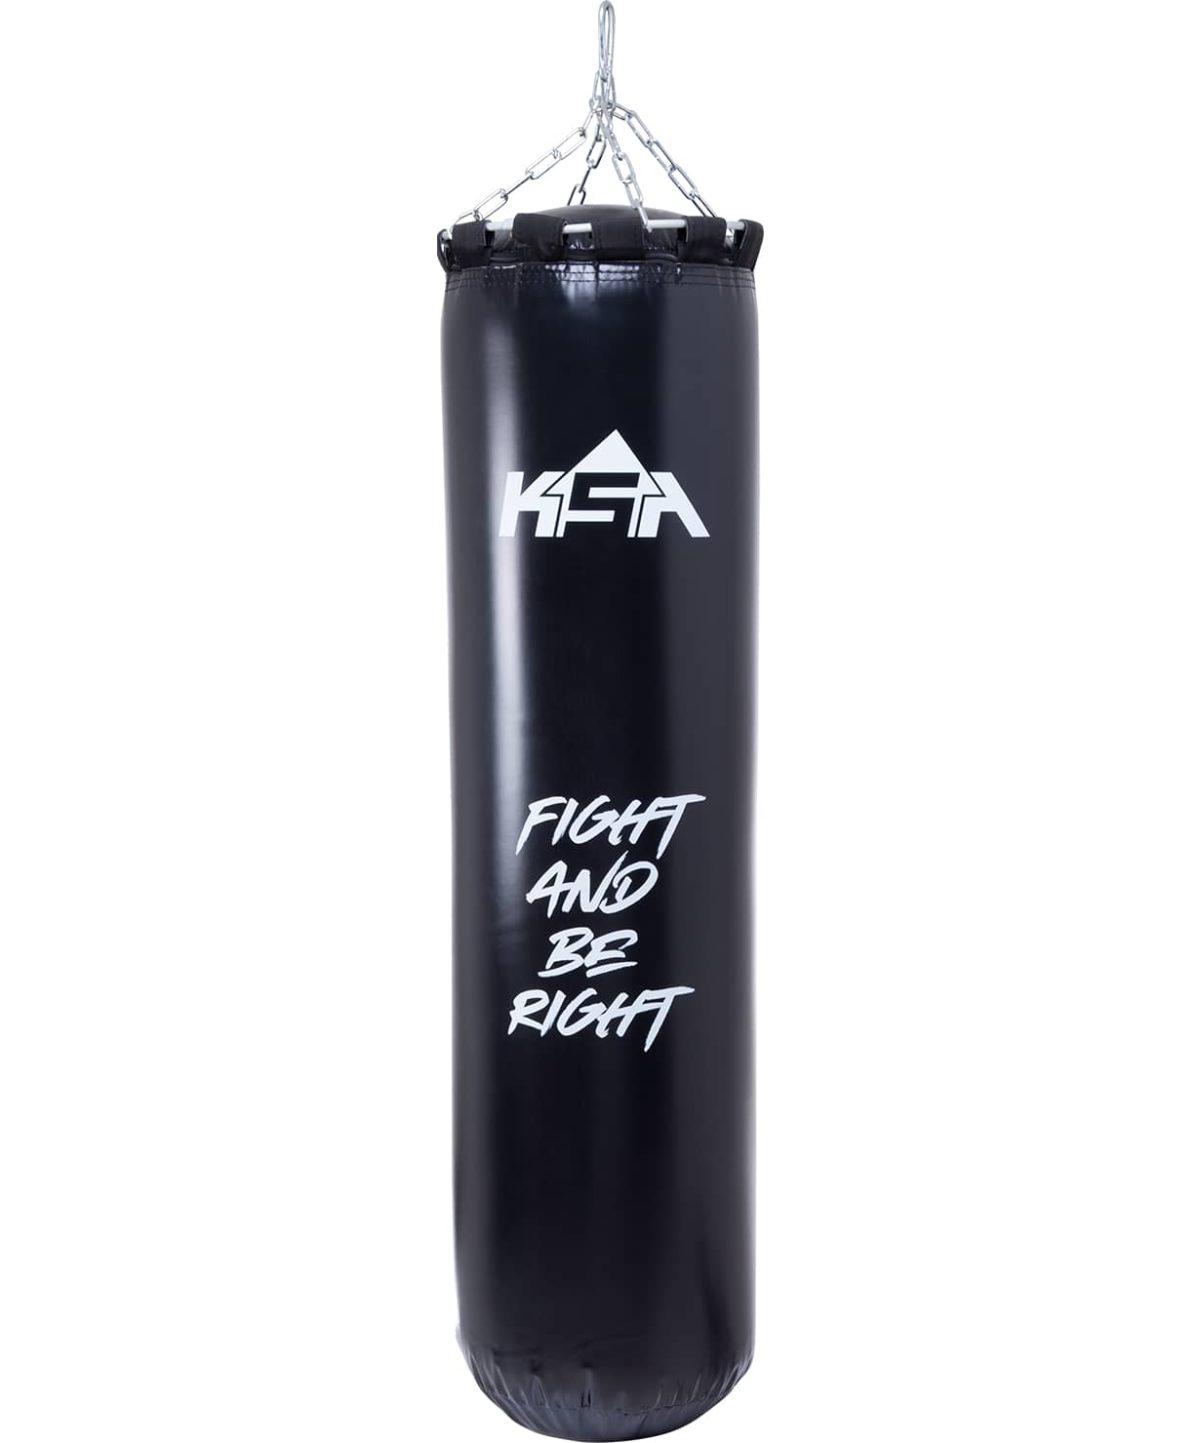 KSA Мешок боксерский ПВХ, 100 см, 30 кг  PB-02 - 1